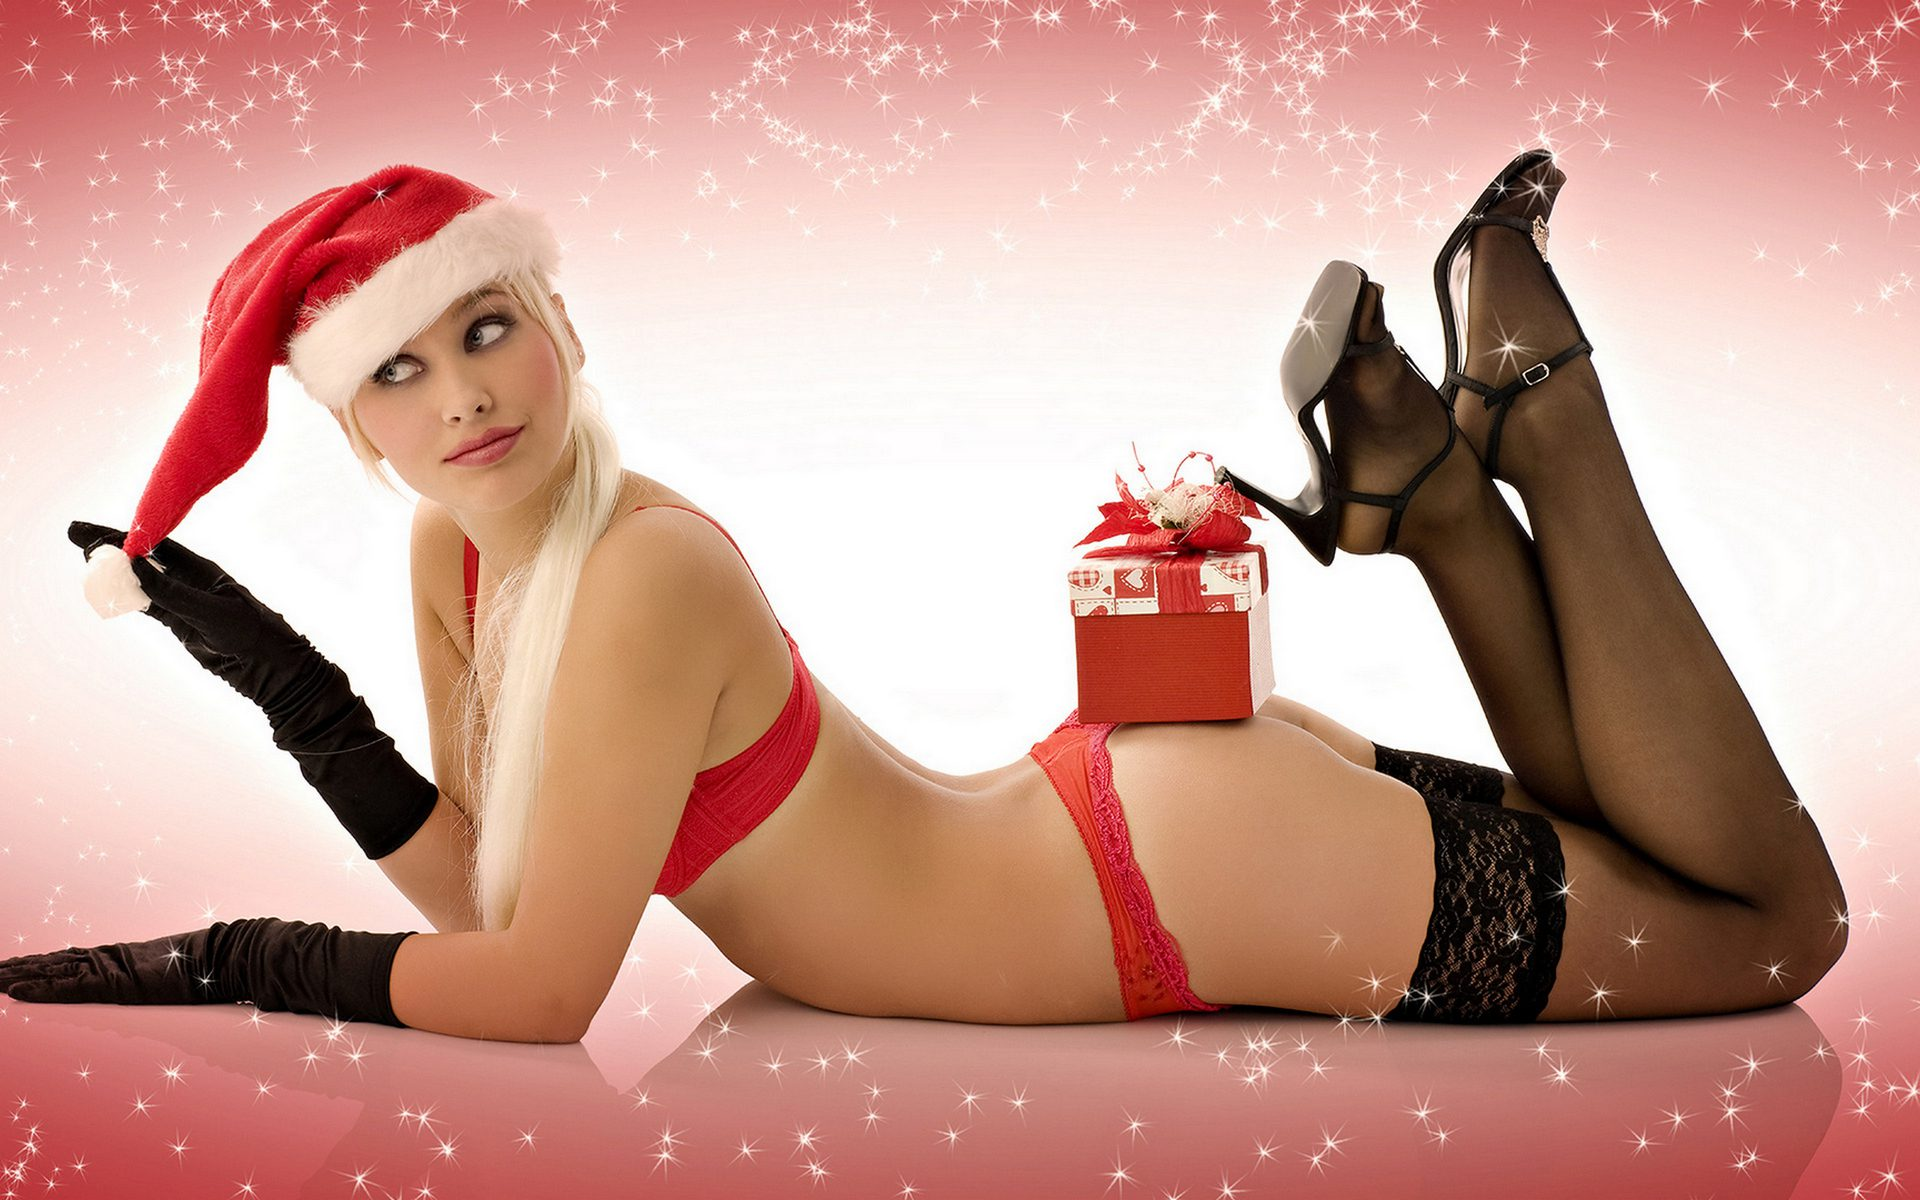 снегурочка лежит на полу почти без одежды, а на попе у нее лежит твой подарок.